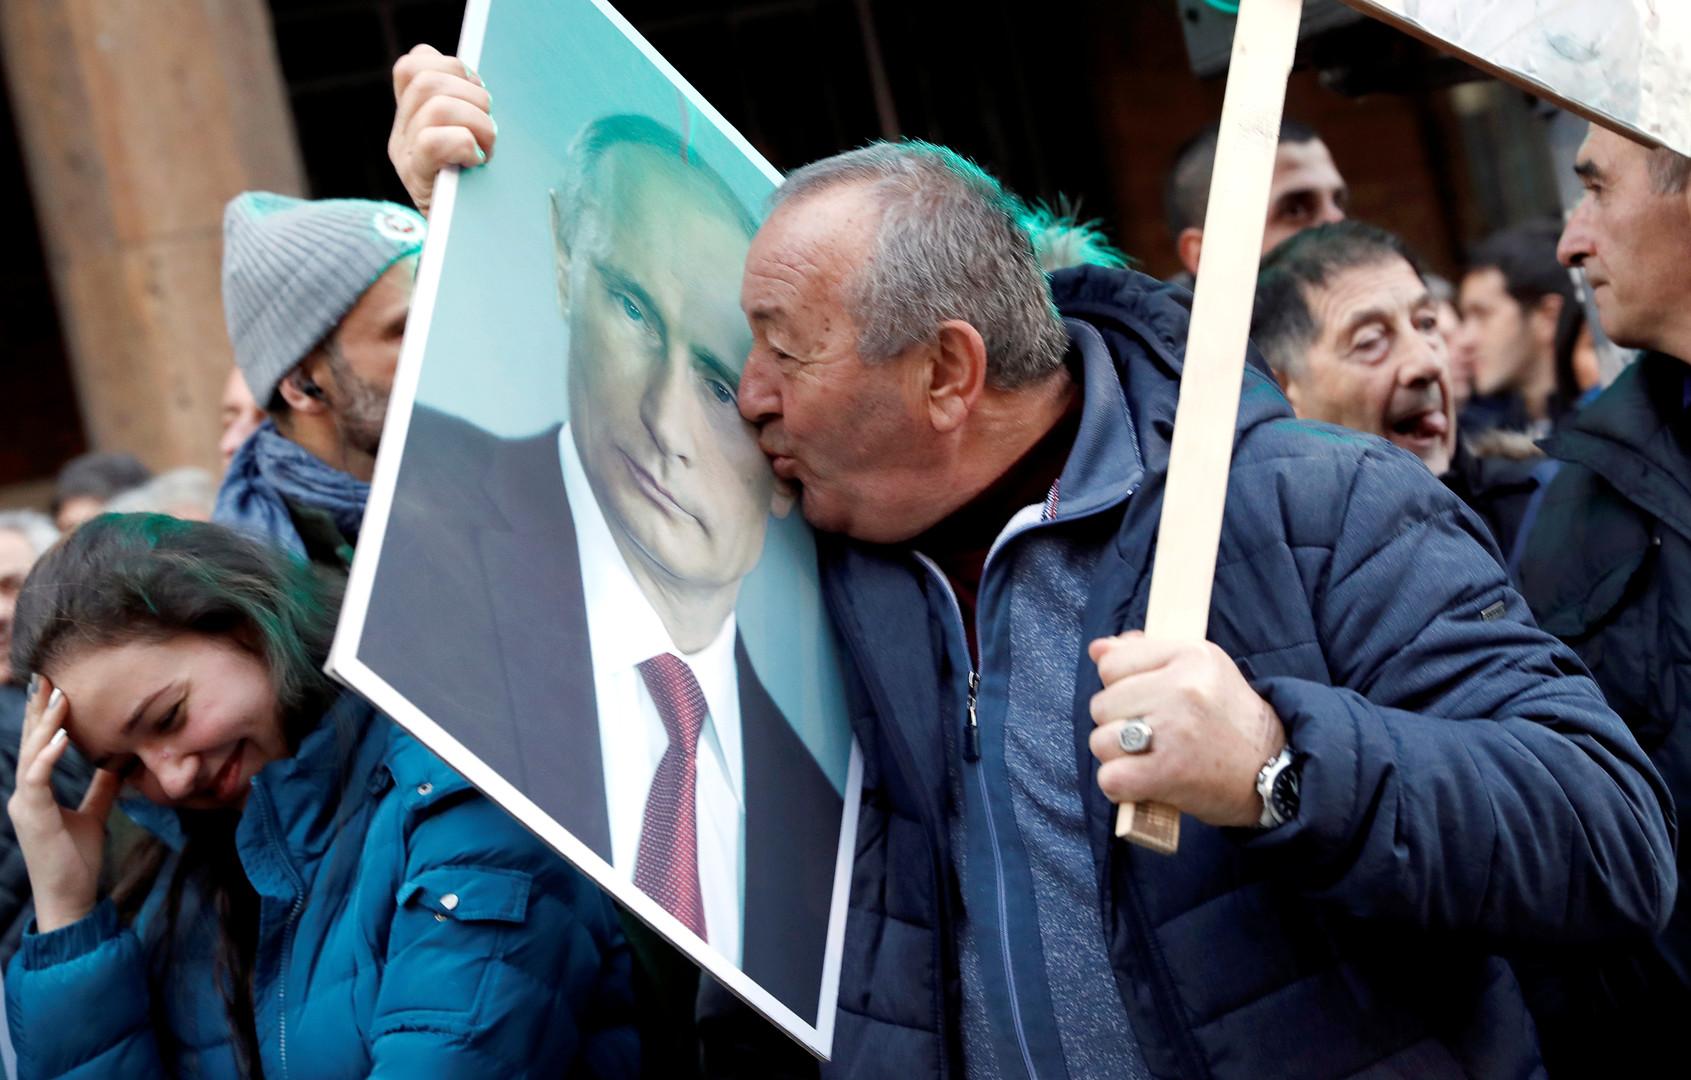 Vladimir Poutine acclamé par des dizaines de milliers de personnes lors de sa visite en Serbie